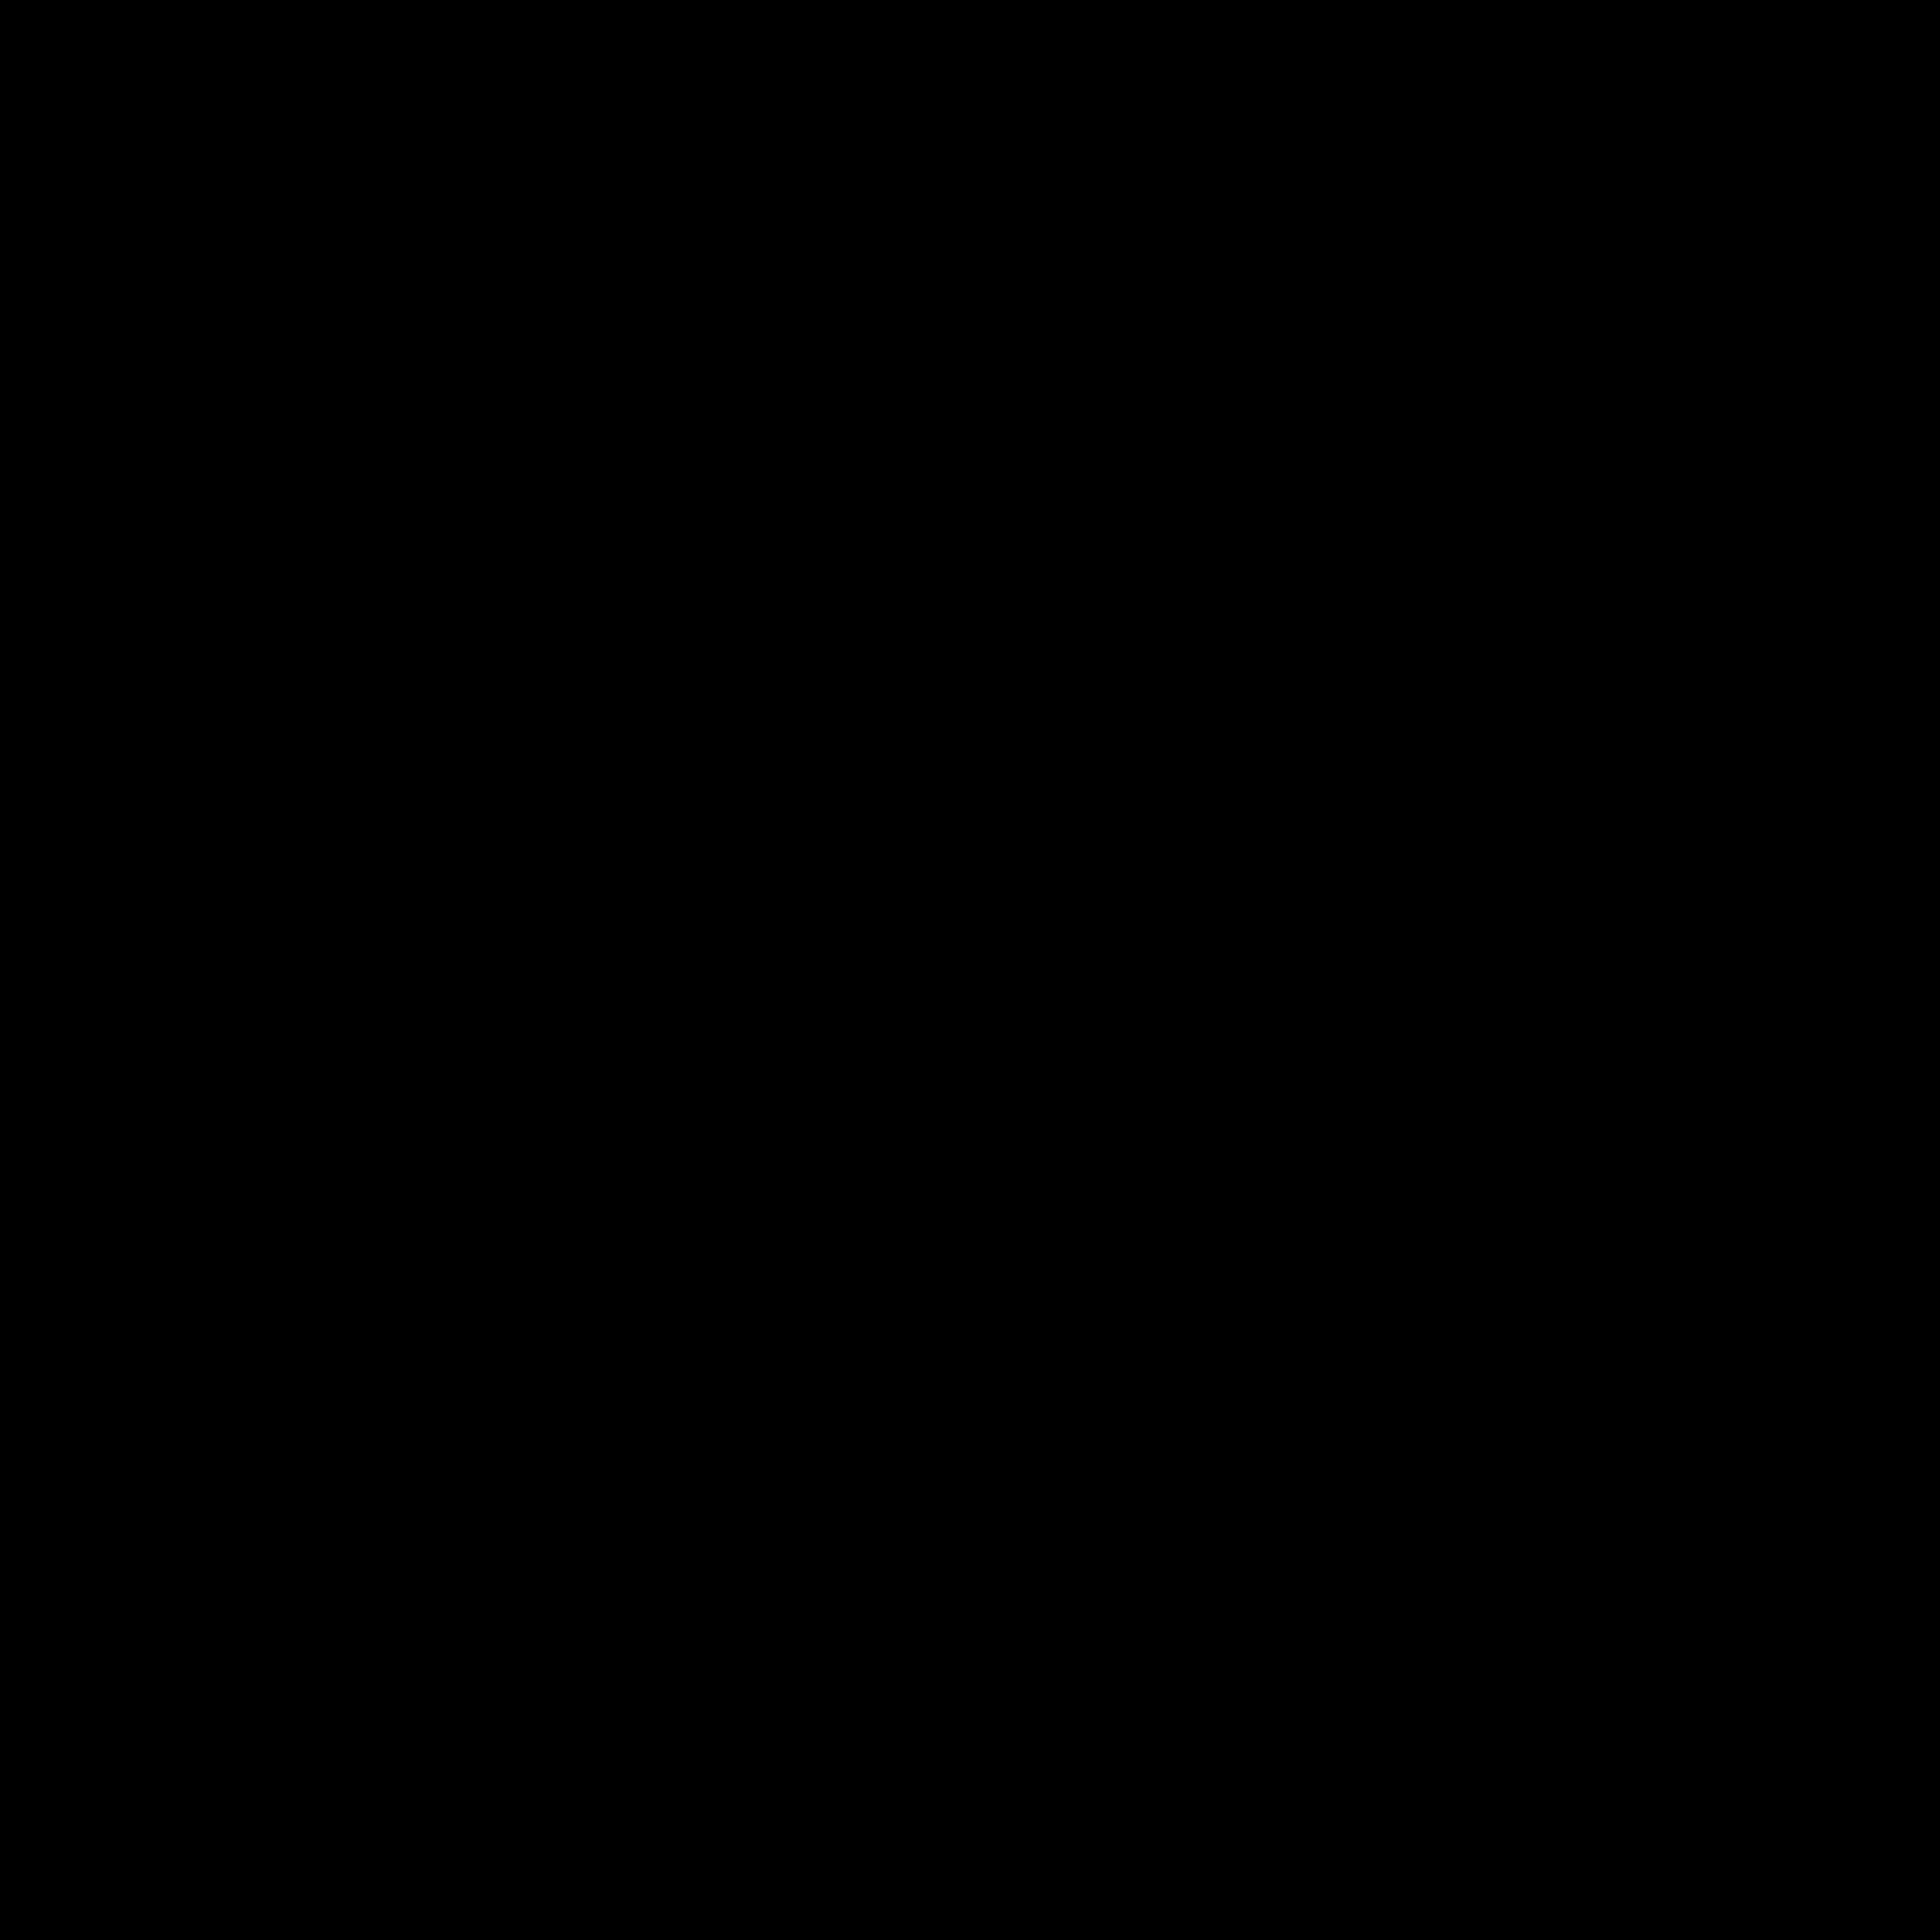 Invitations à une fête qui donnent le ton